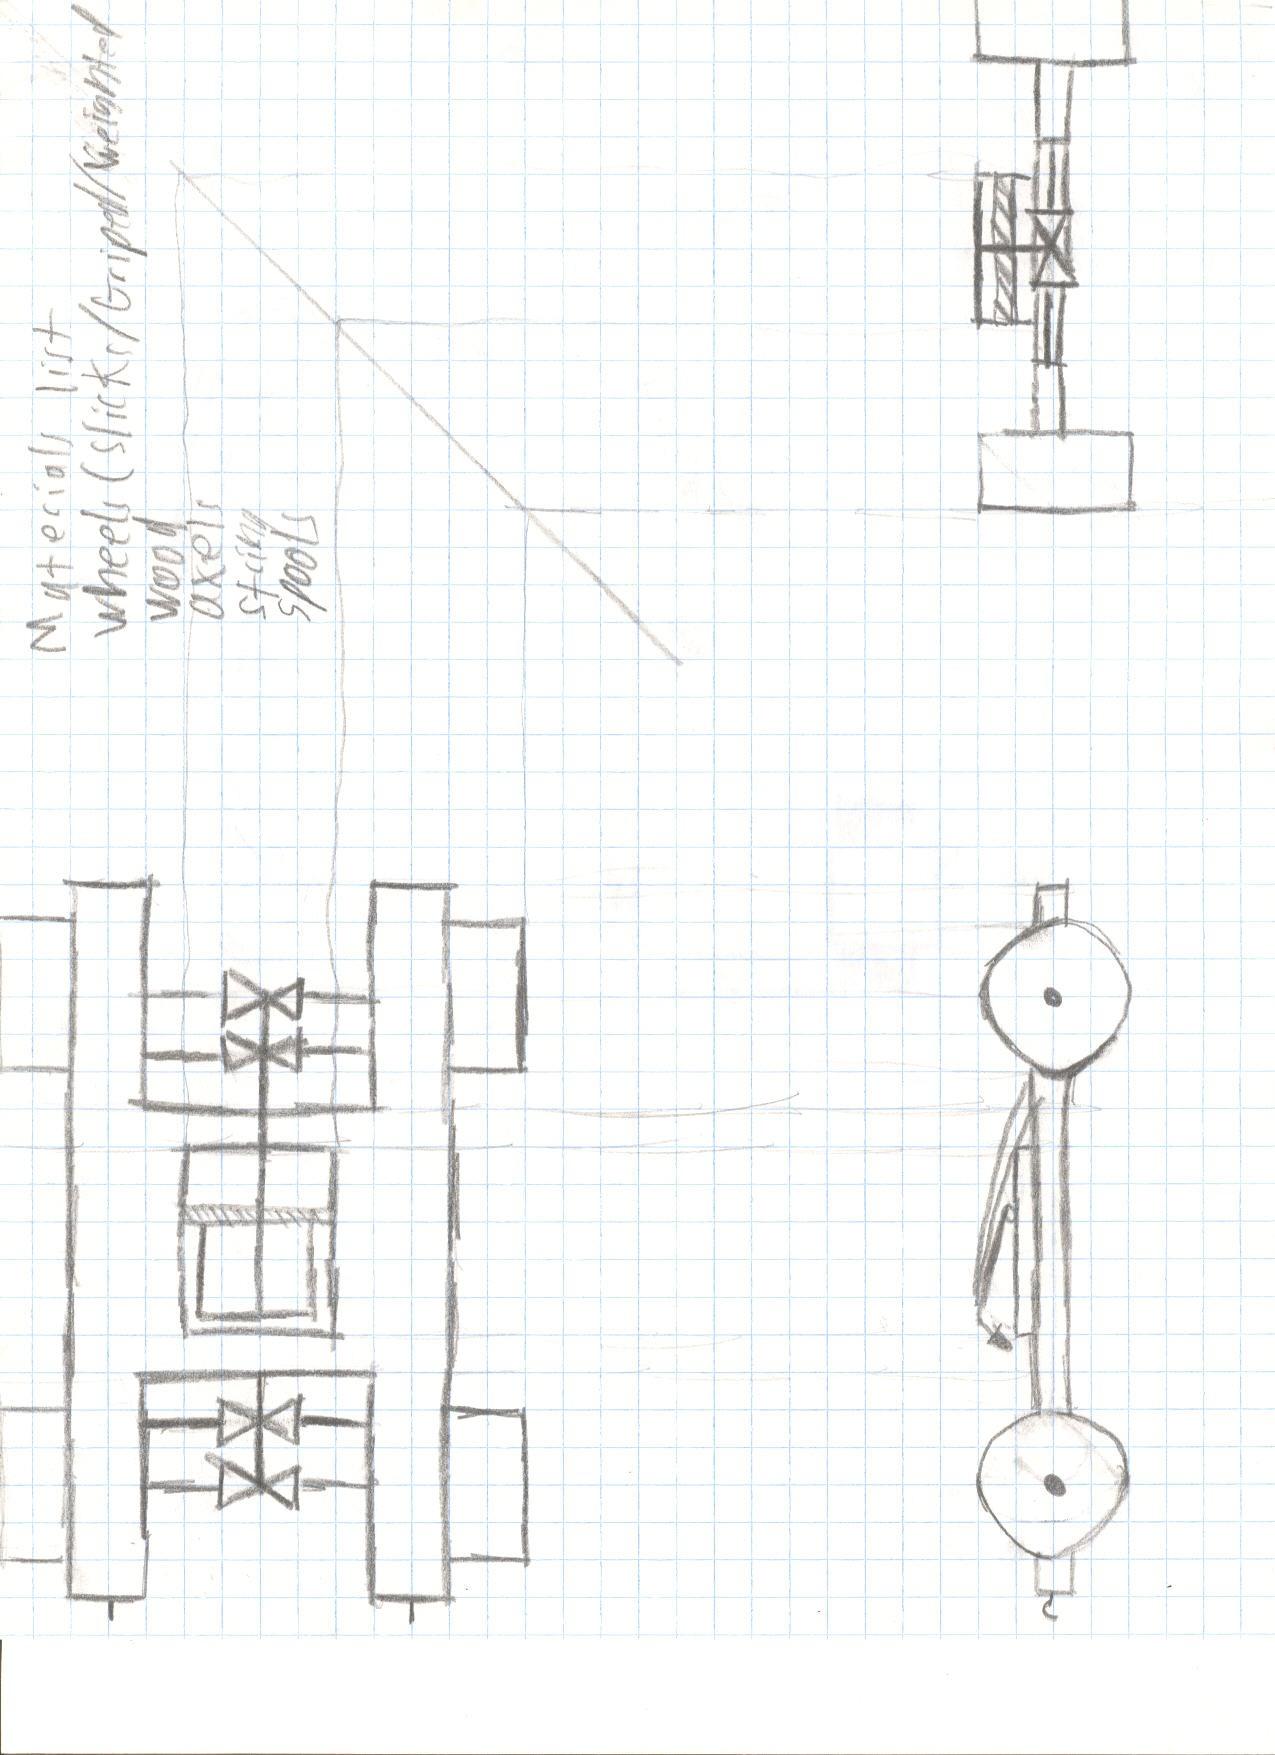 Mousetrap Car Diagram Mouse Trap Car Prototype Sketch Of Mousetrap Car Diagram